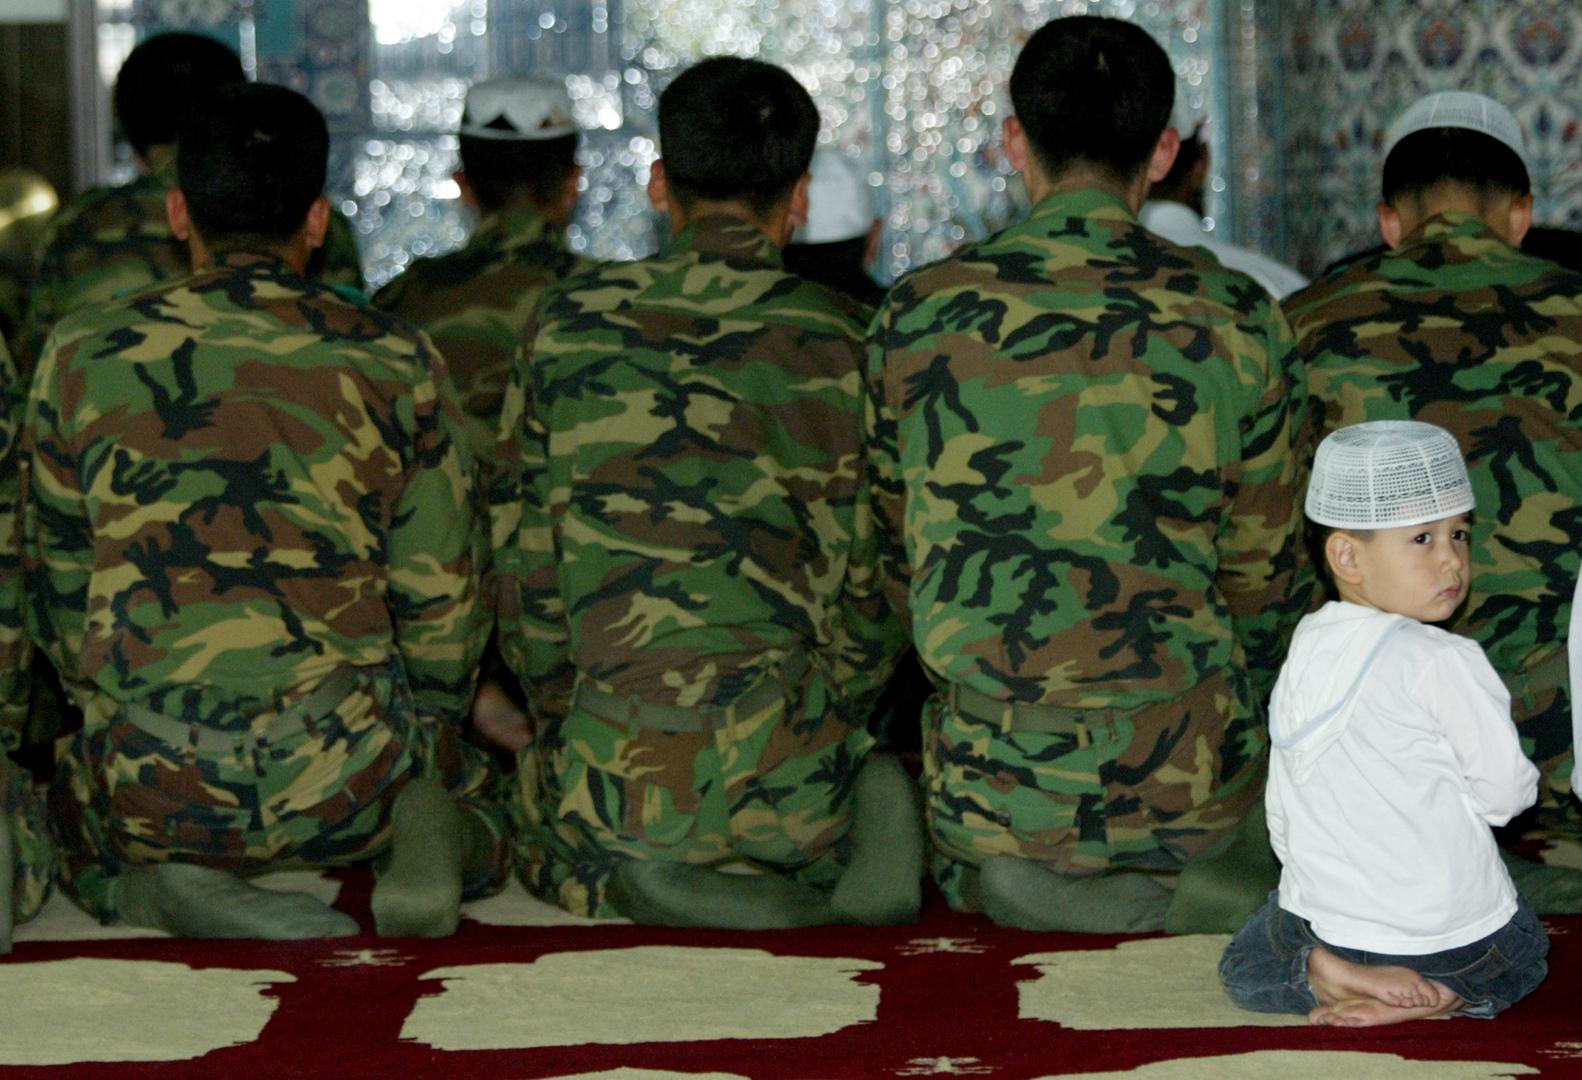 جنود كوريون جنوبيون مسلمون يؤدون الصلاة. الصورة: أرشيف.